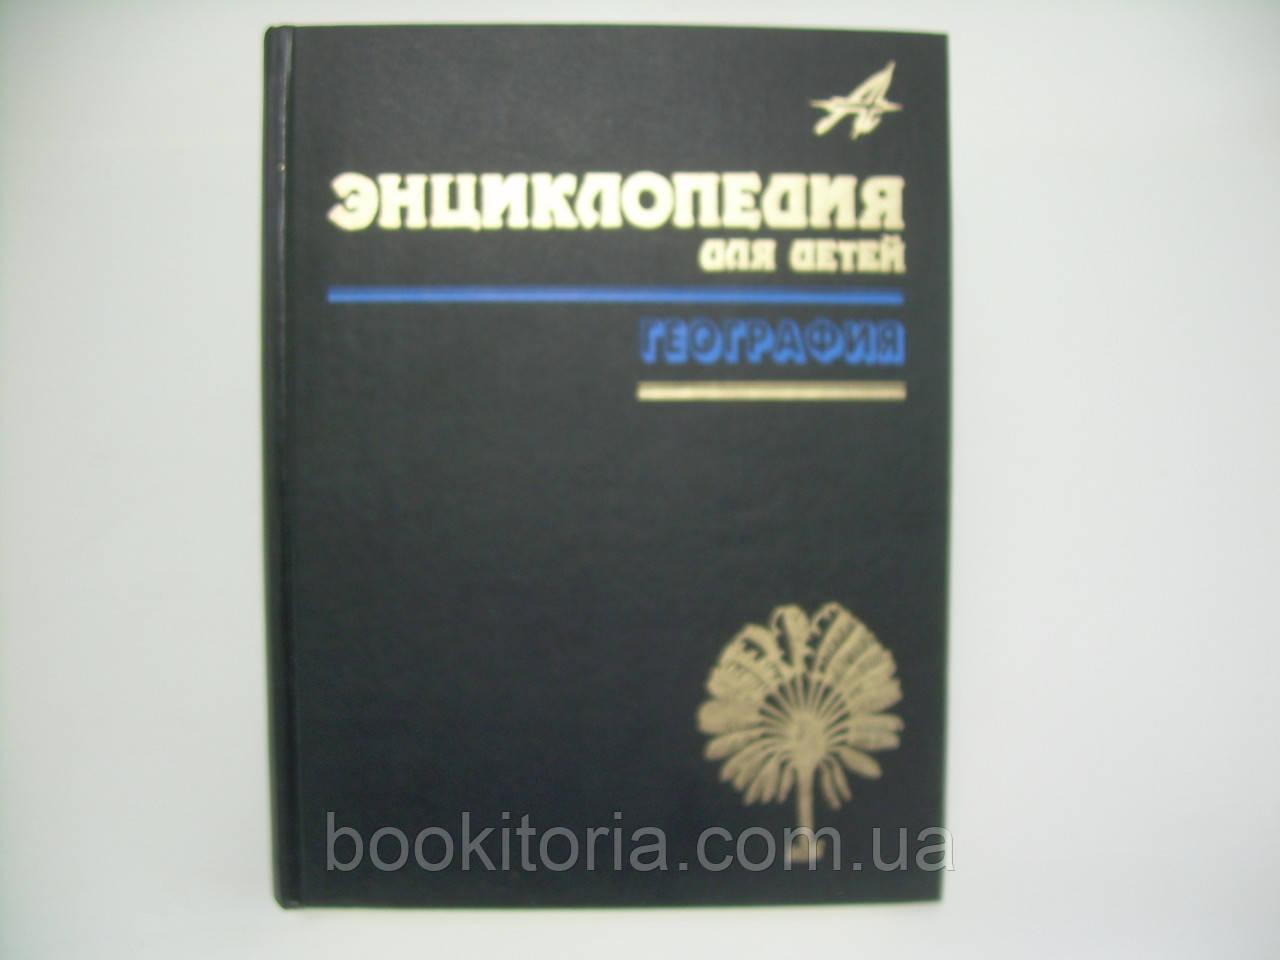 Энциклопедия для детей. В пяти томах, шести книгах. Том 3. География (б/у).